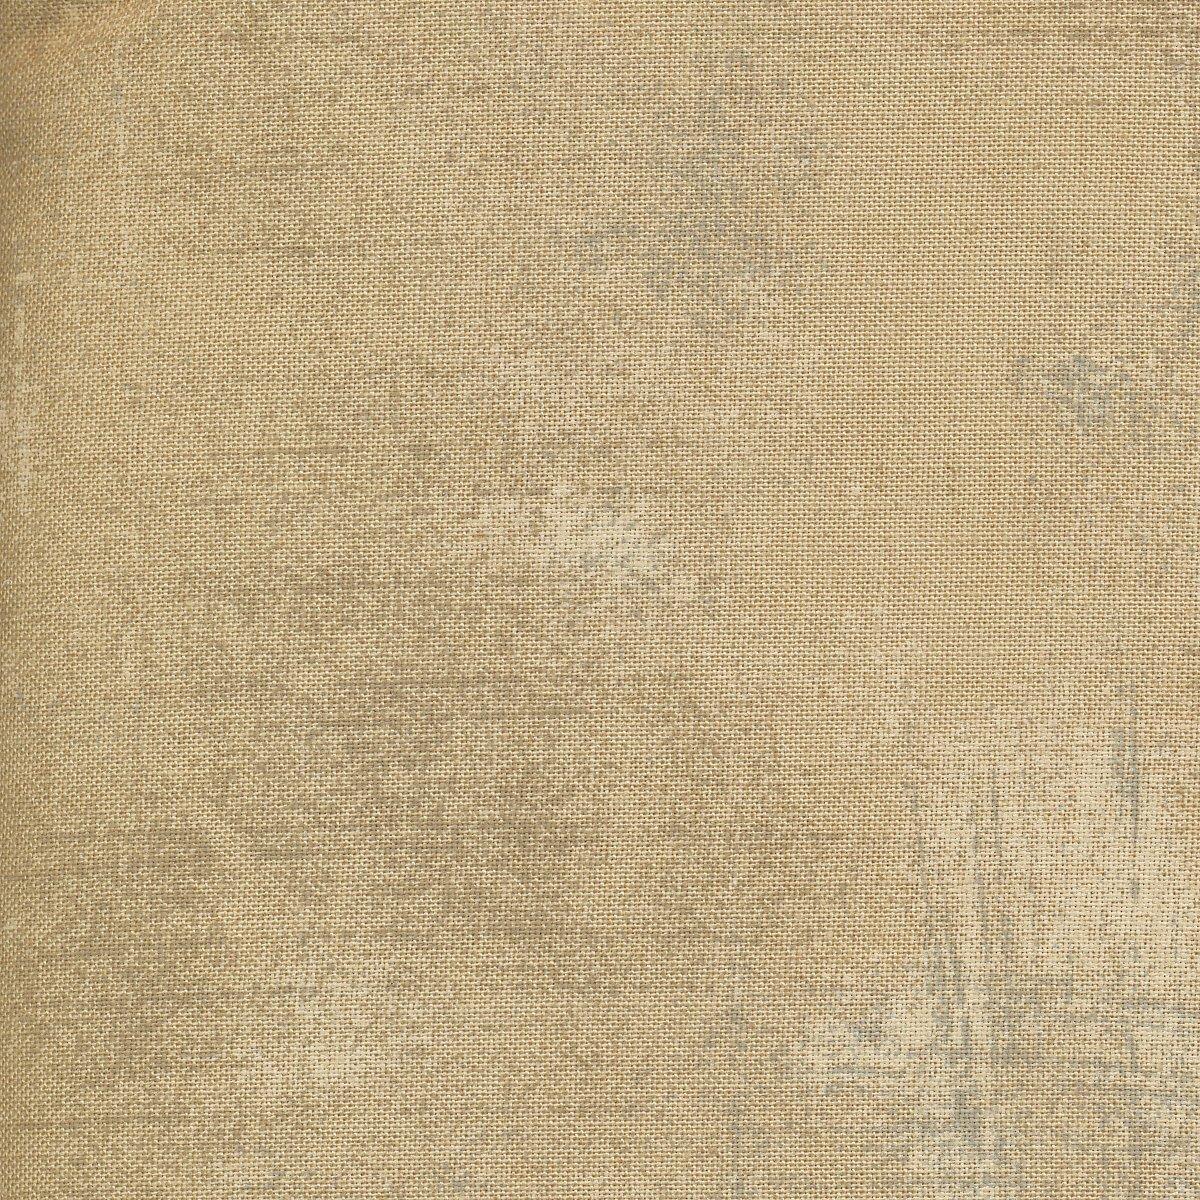 Grunge Basics - 530150-196